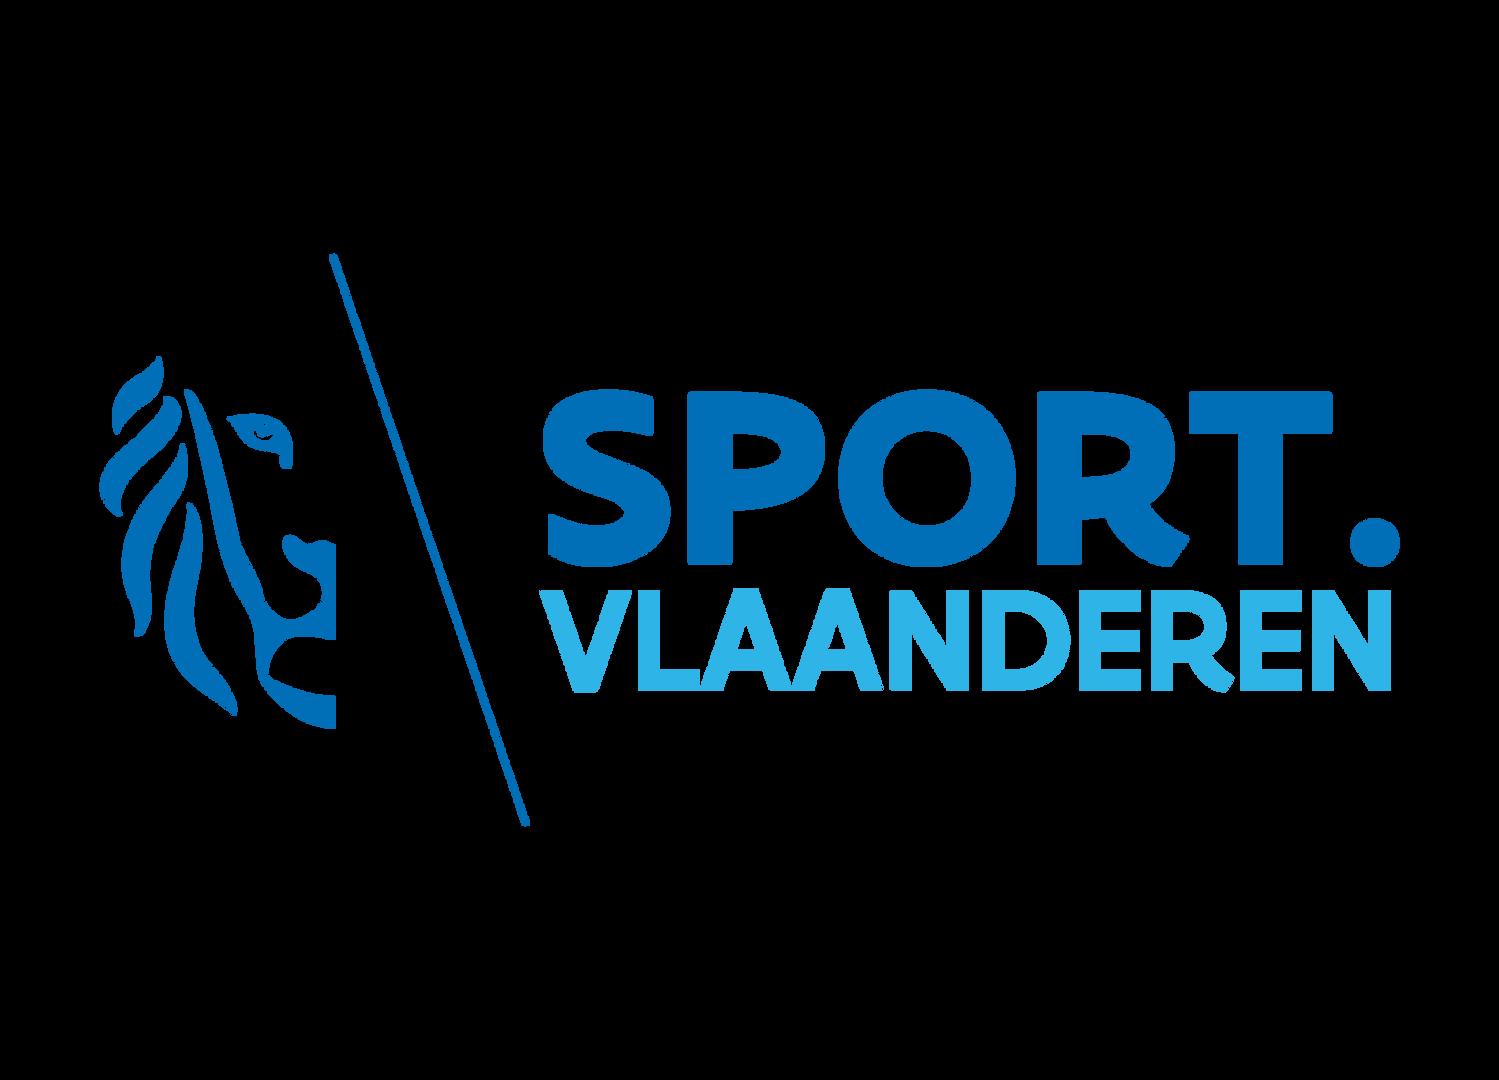 logosportvlaanderen_partner.png